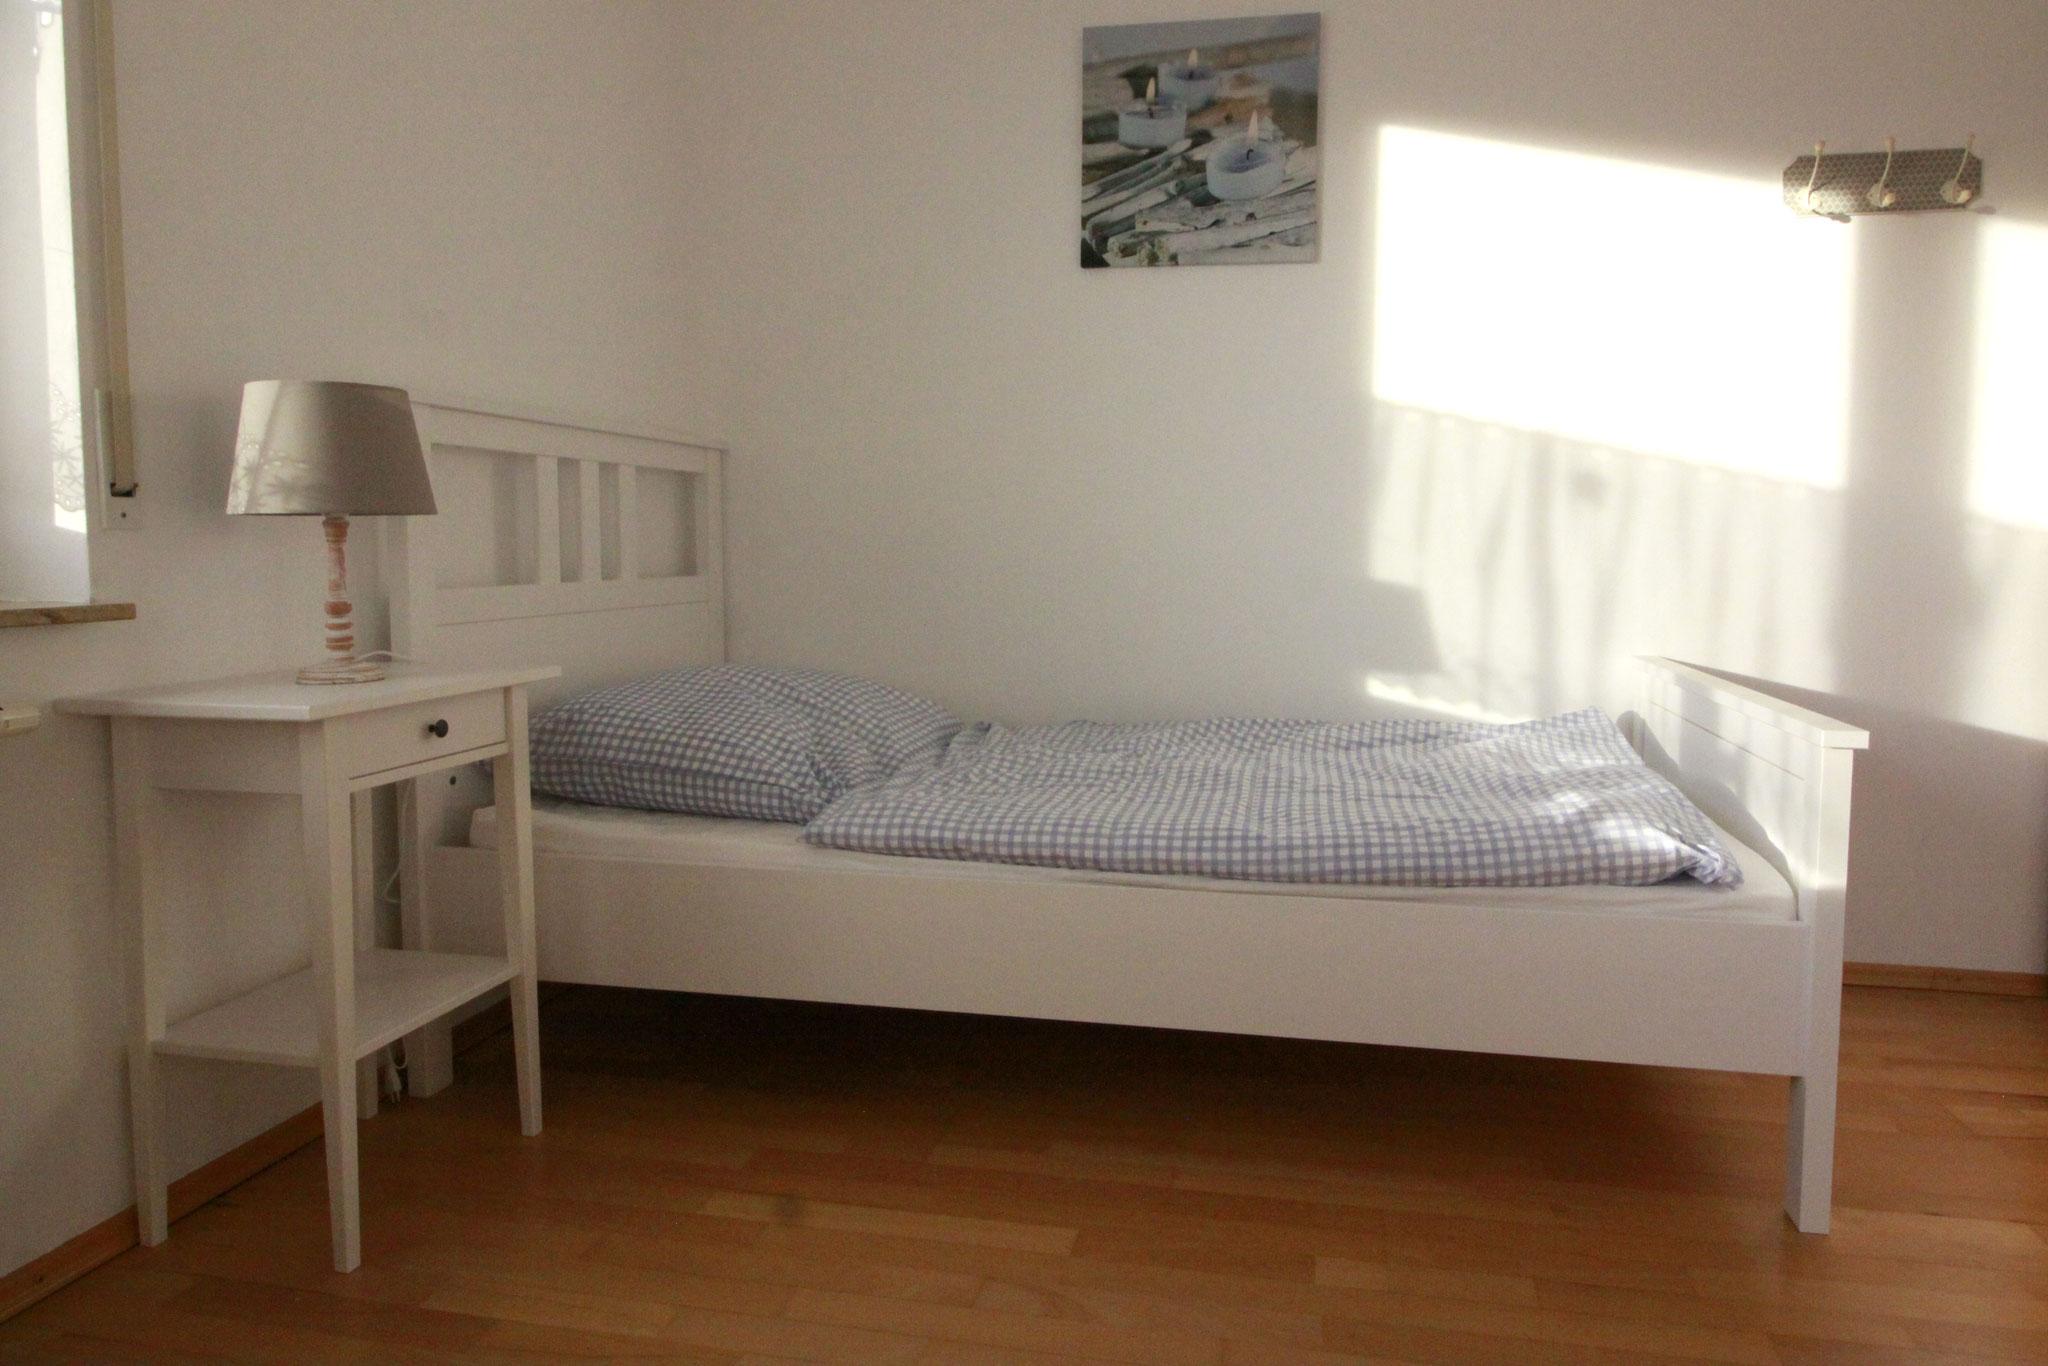 Einzelbett Kinderzimmer/Schlafzimmer 2